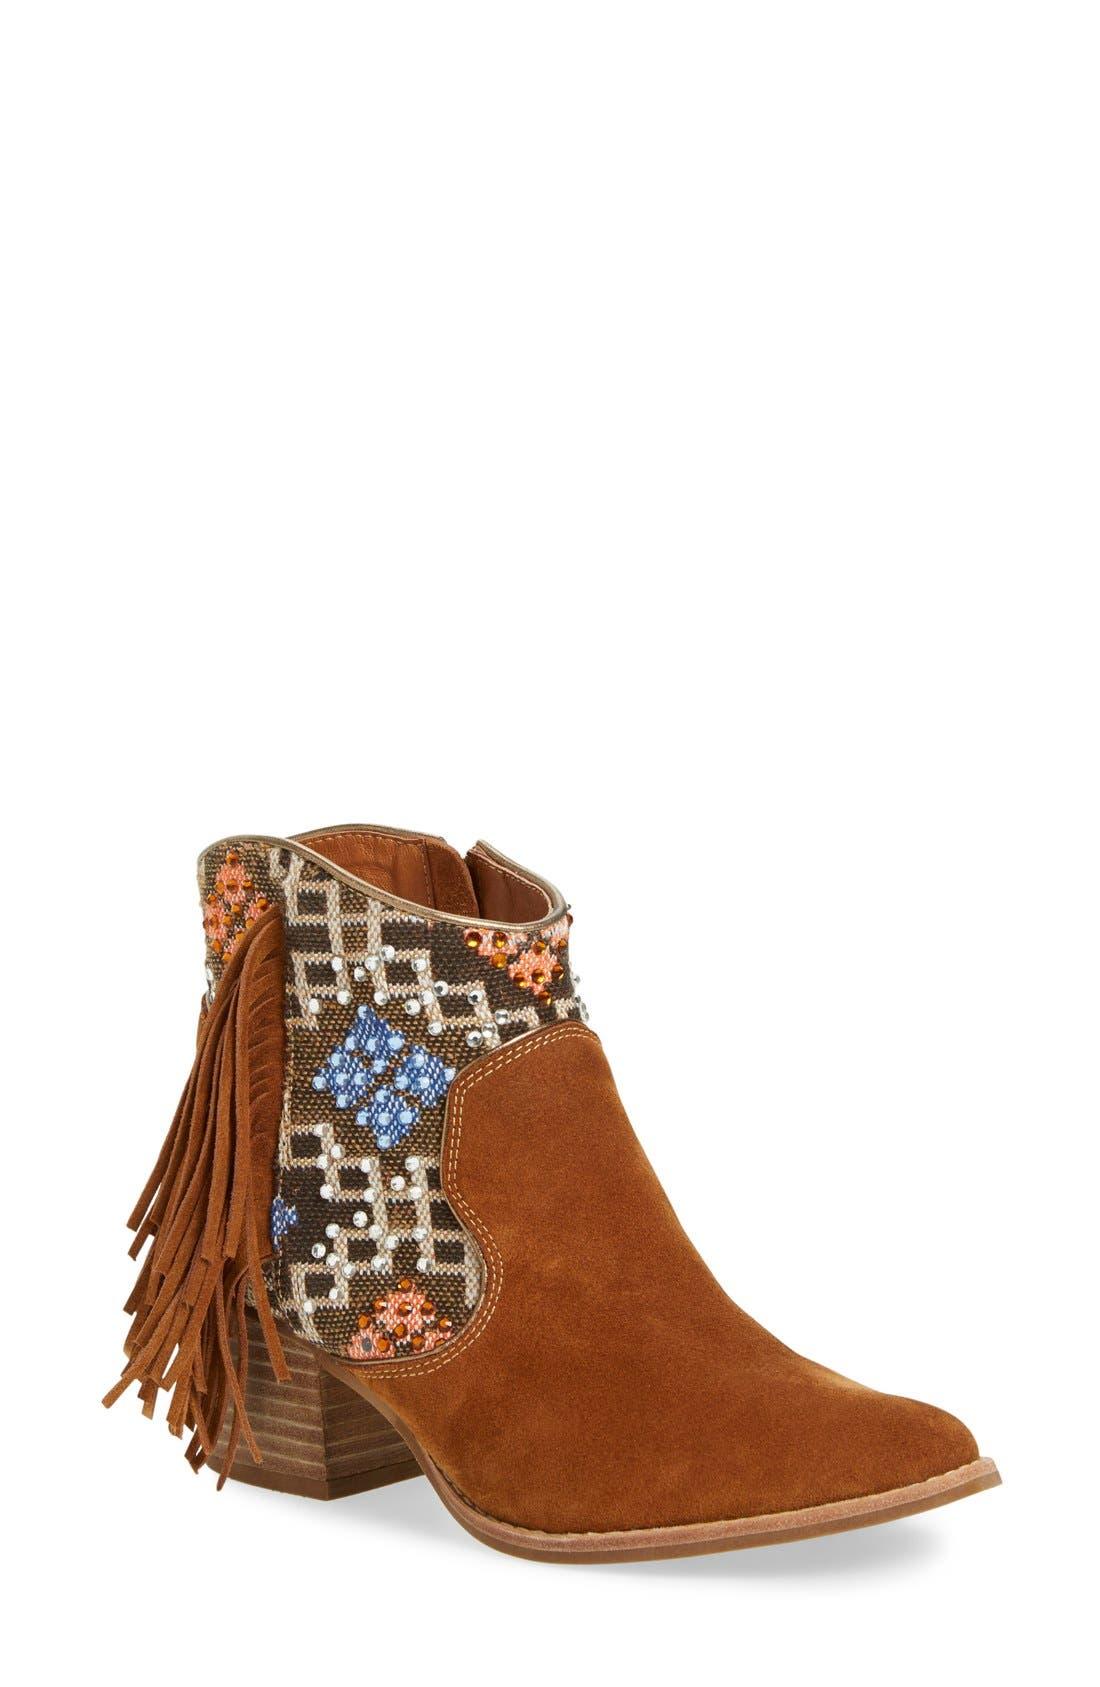 Alternate Image 1 Selected - ZiGi girl 'Odel' Embellished Fringe Bootie (Women)